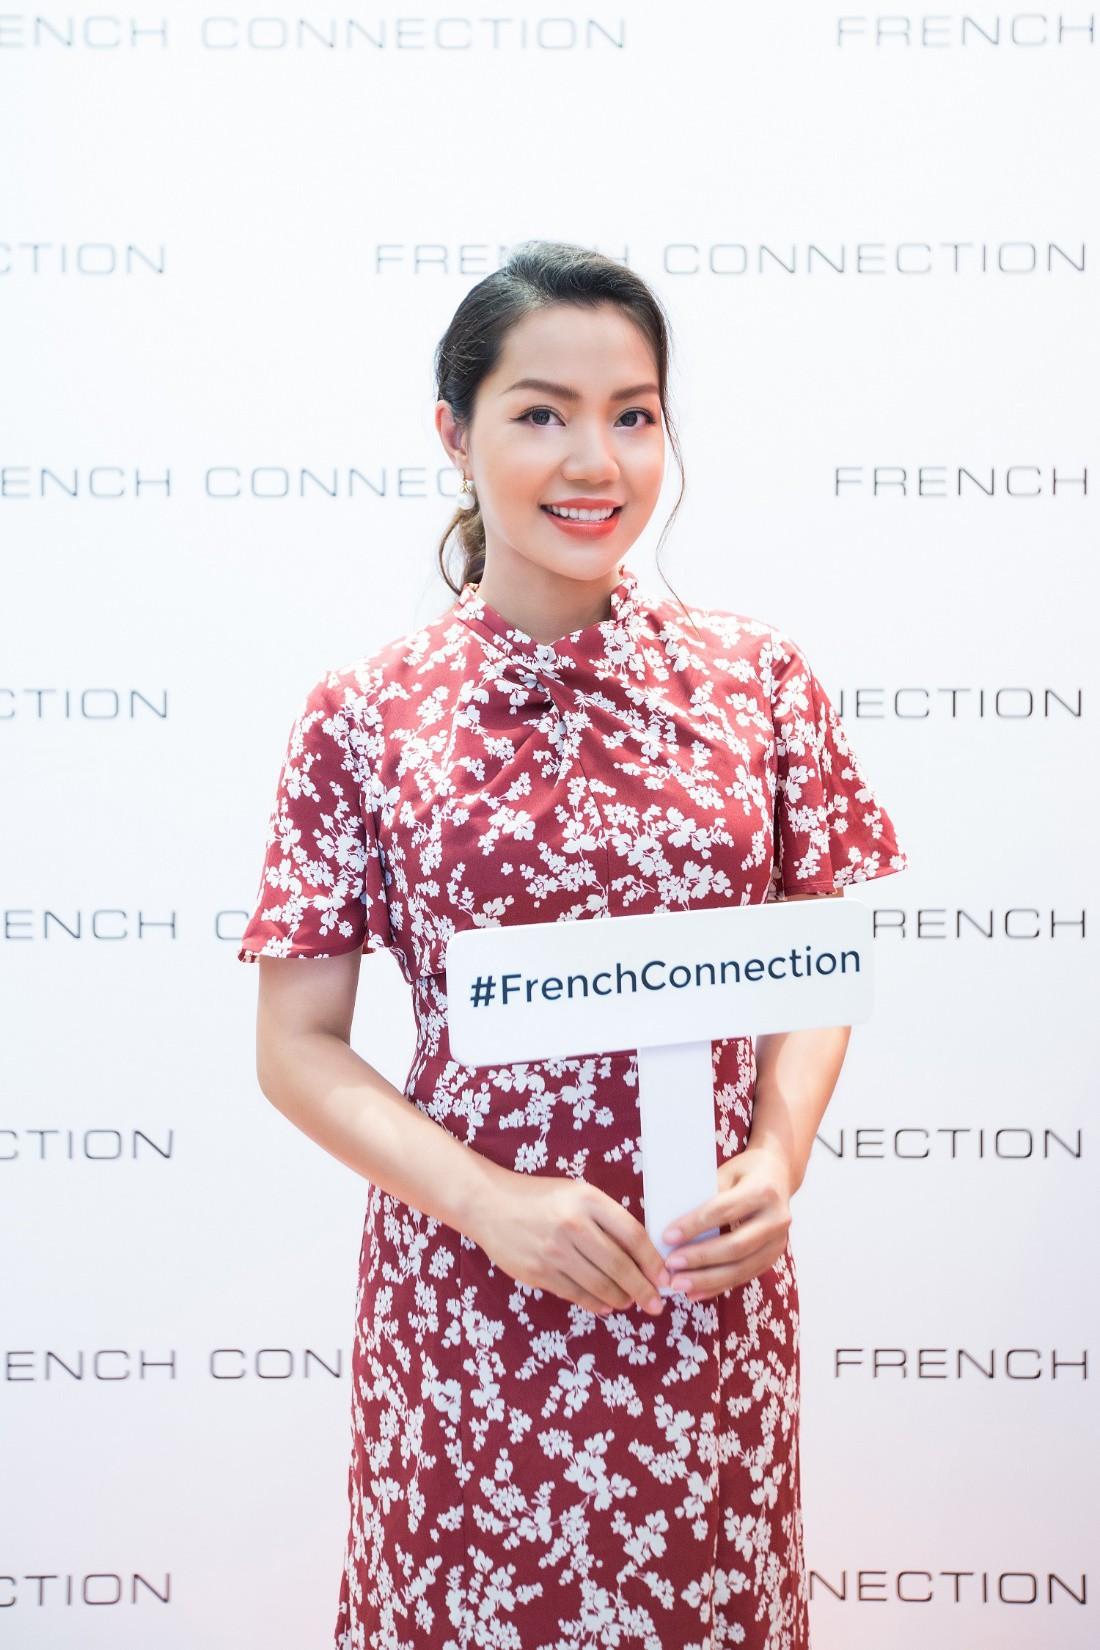 Á hậu Tú Anh ngẫu hứng phối đồ phong cách cho diễn viên Lương Thanh ngay tại sự kiện thời trang - Ảnh 3.